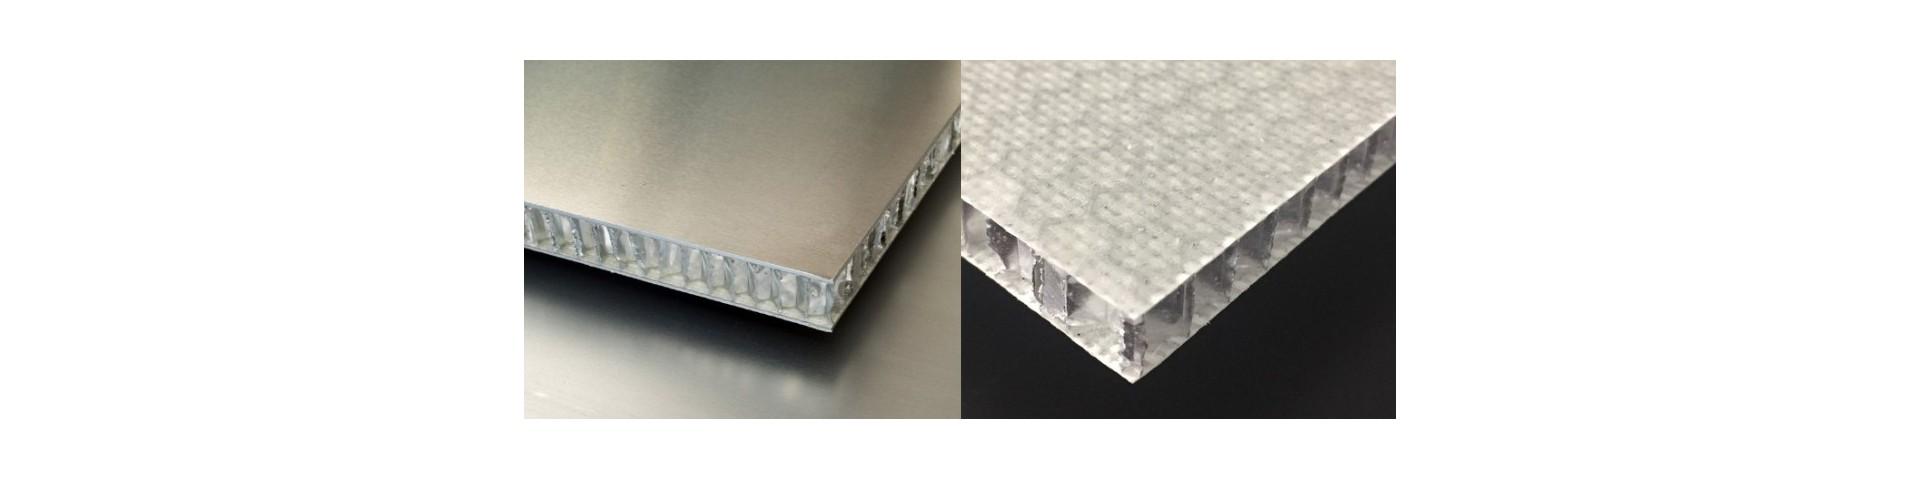 2Gamma srl - Composite Panel Division